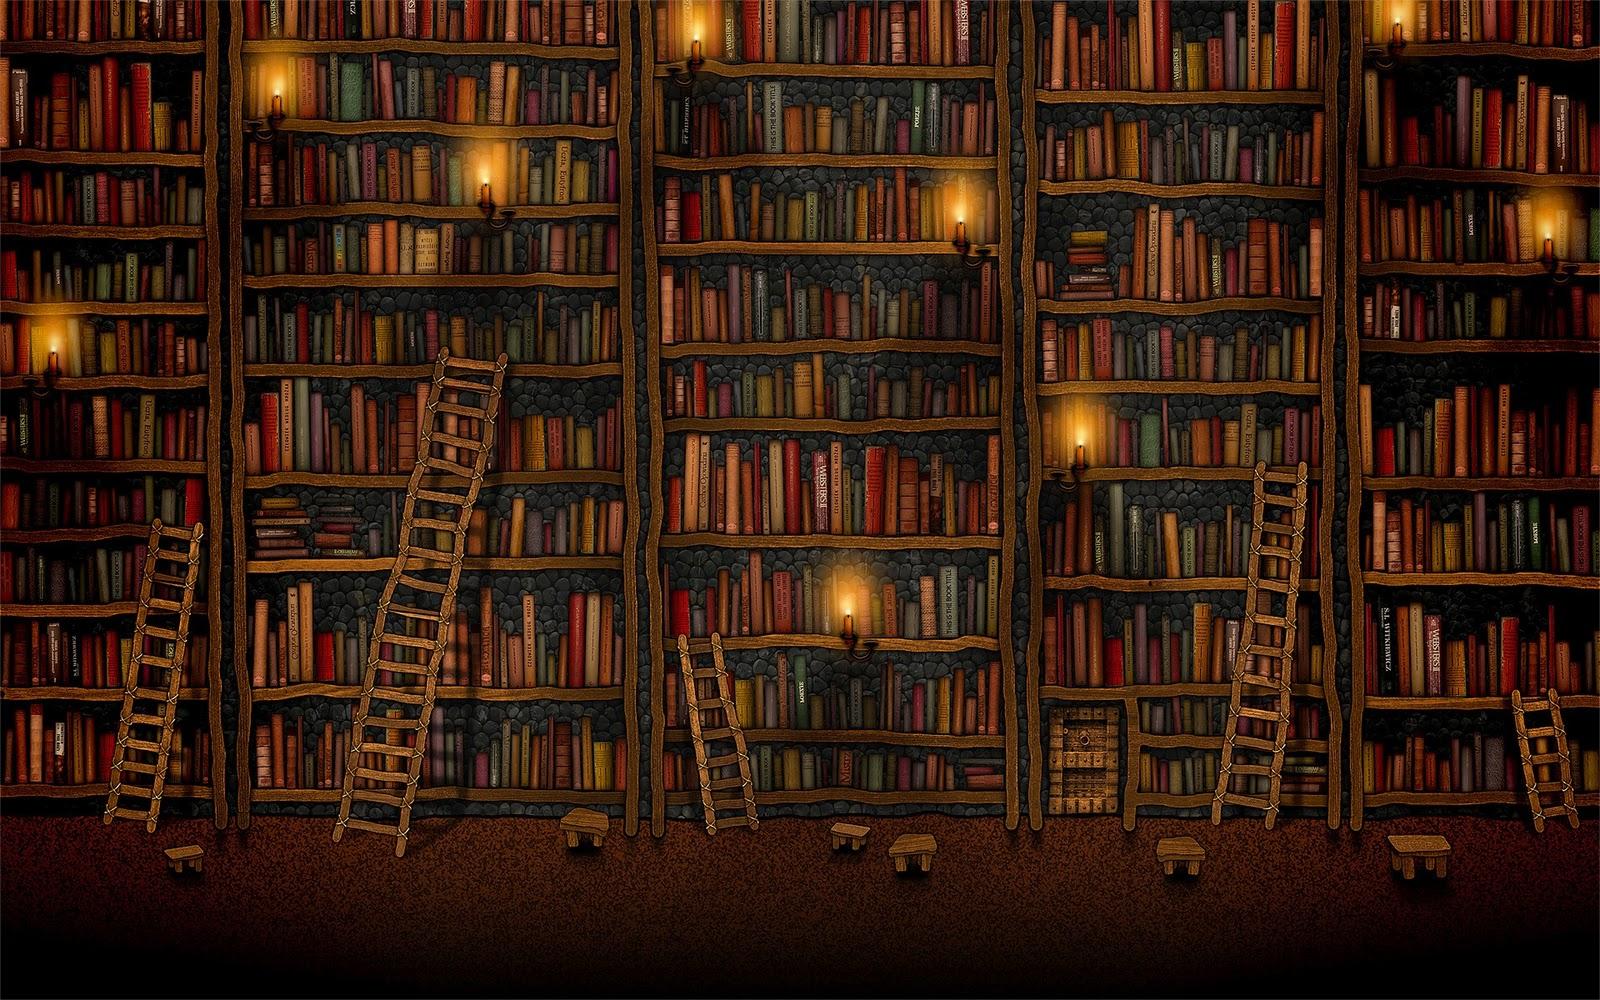 http://1.bp.blogspot.com/-QHqqg3LbraY/TtUkeCM302I/AAAAAAAAAos/1Z5PKkFGFyY/s1600/old_book_library_ladder_bookshelf_books_desktop_1920x1200_wallpaper-7274.jpg